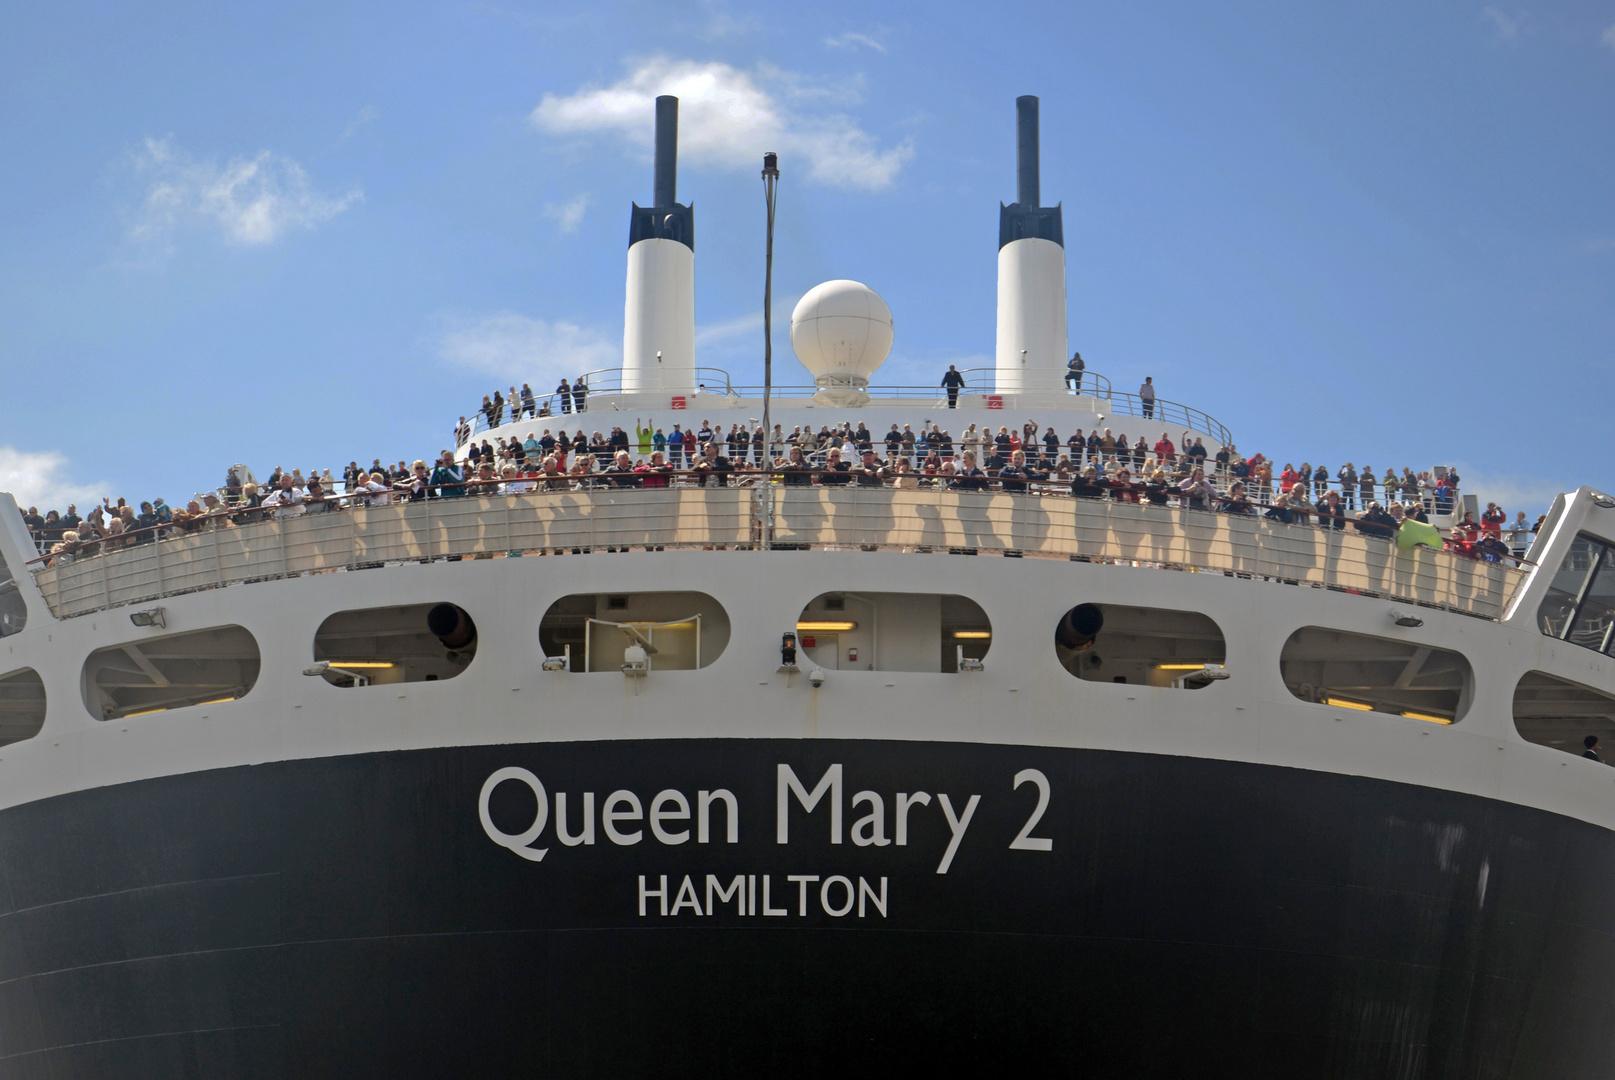 Queen Mary 2 am Hafengeburtstag